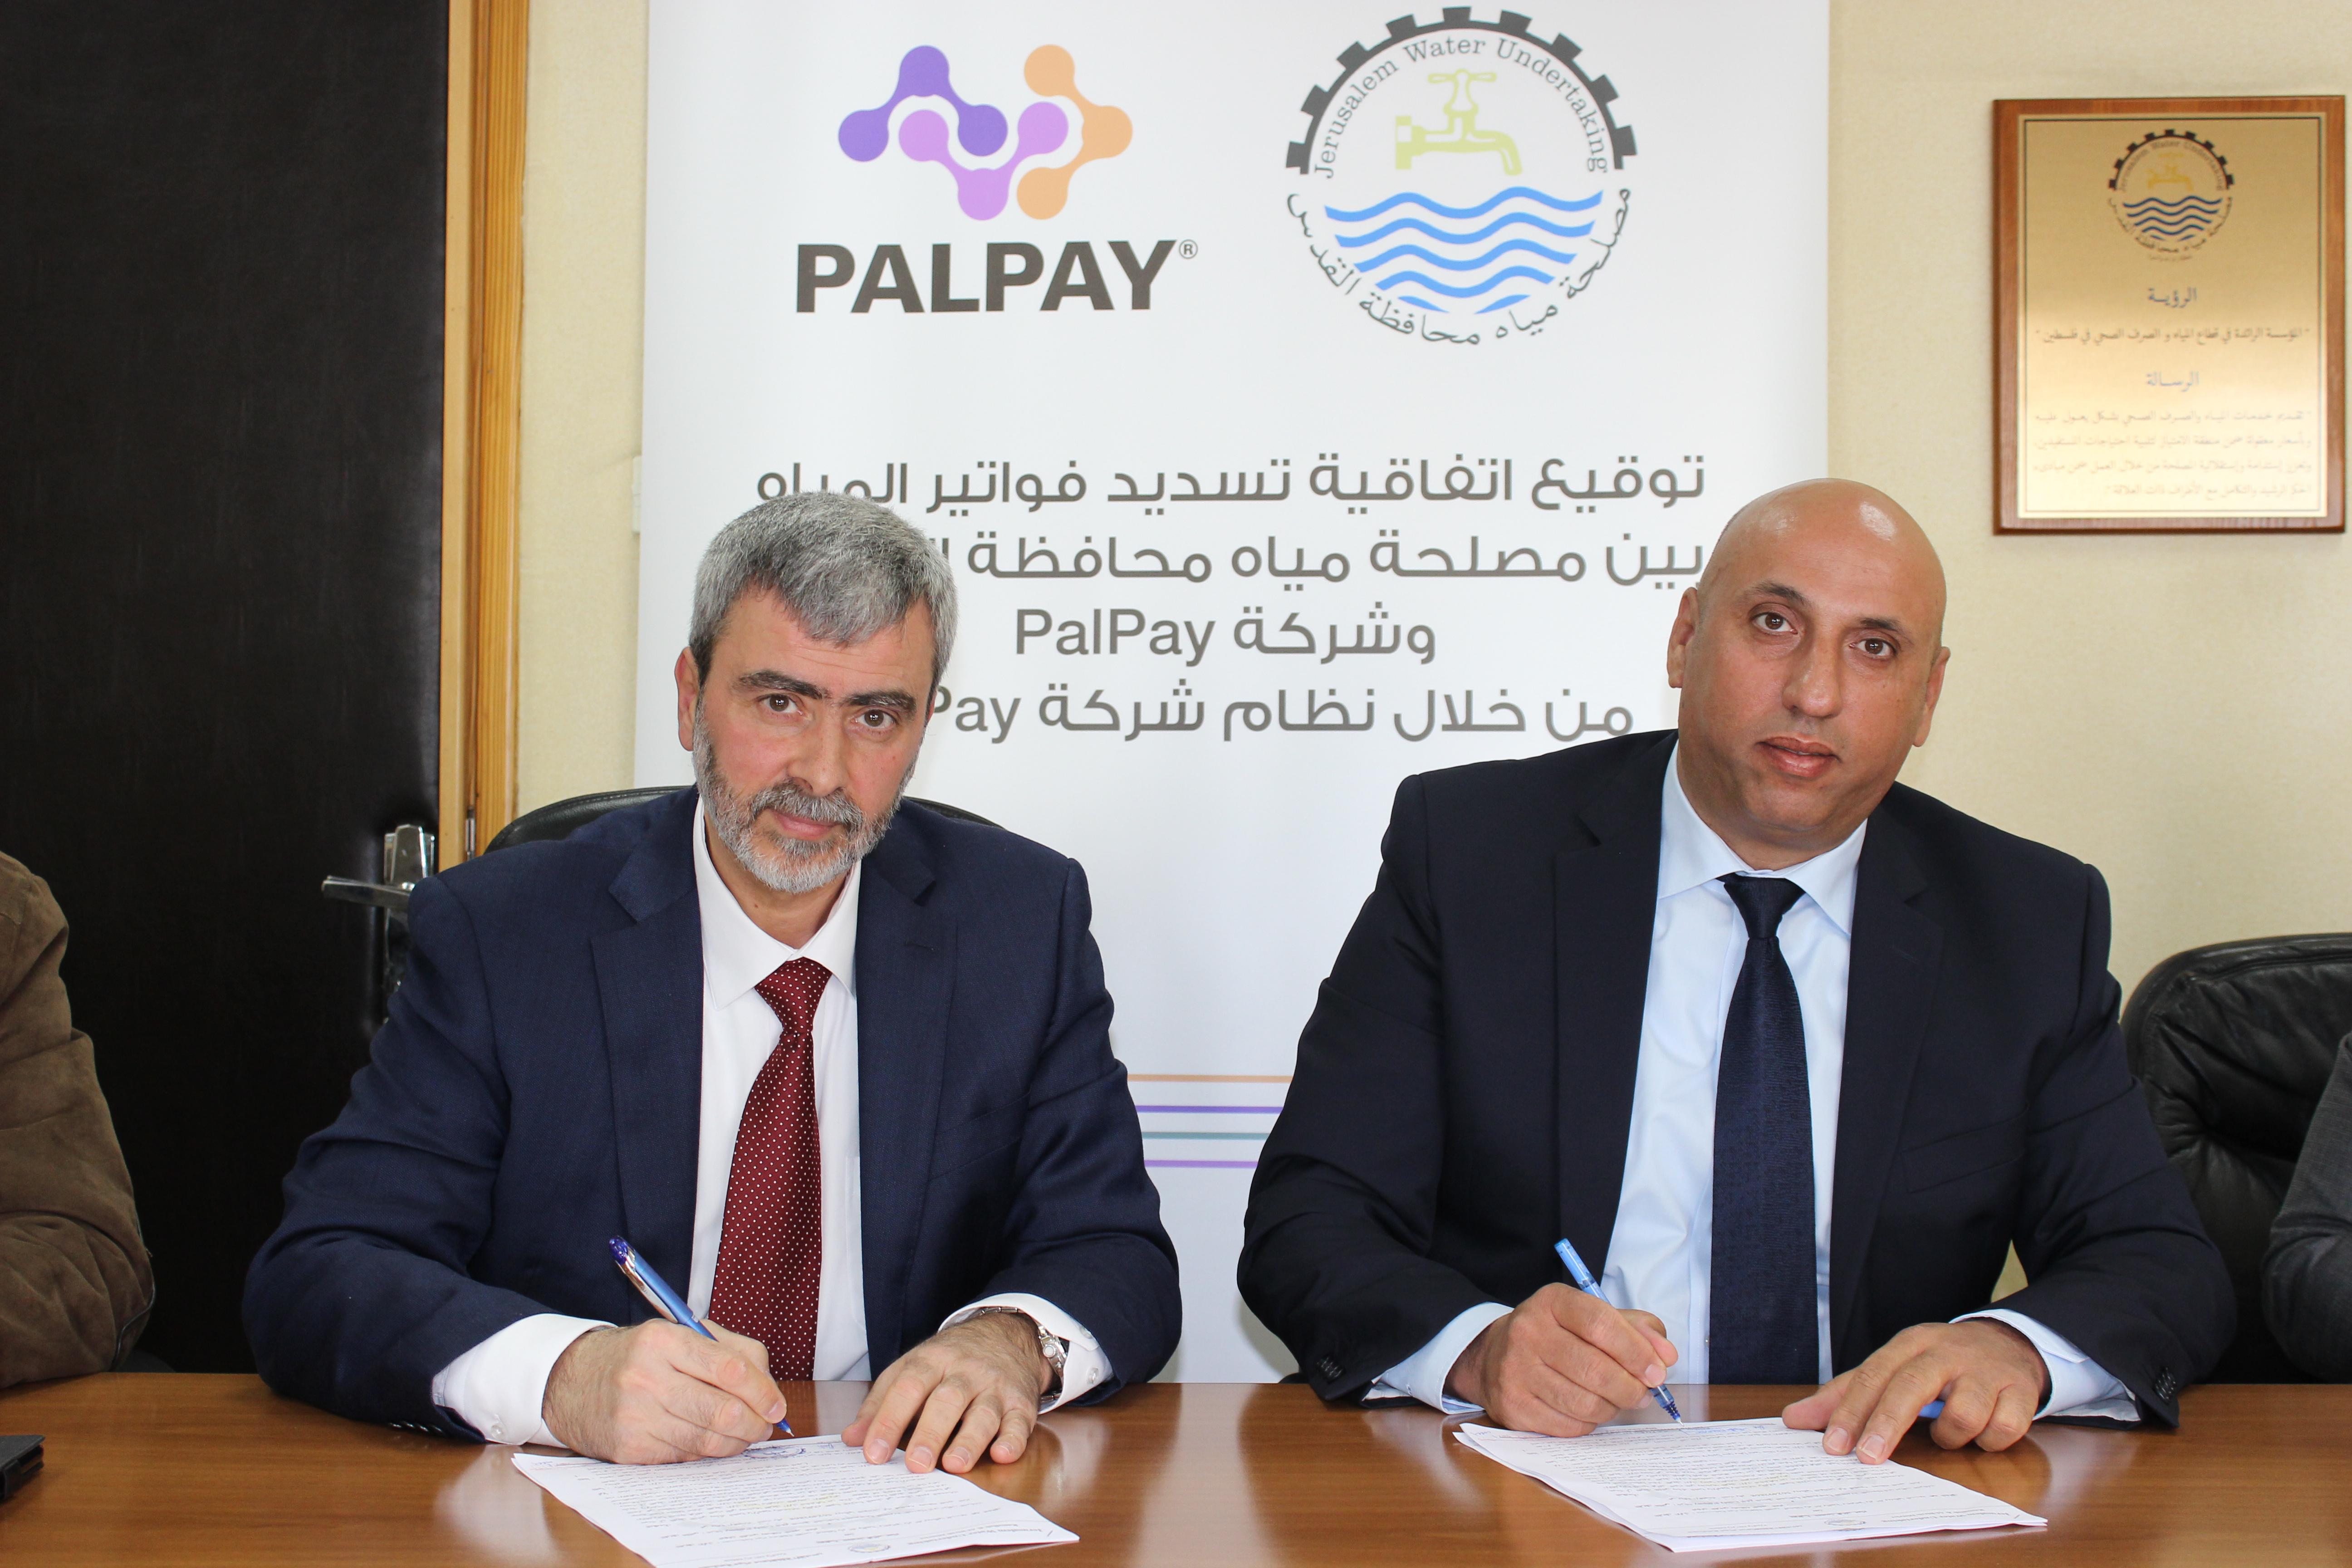 مصلحة مياه محافظة القدس وشركة PalPay يوقعان اتفاقية التسديد الالكتروني لفواتير المياه عن طريق نظام PalPay